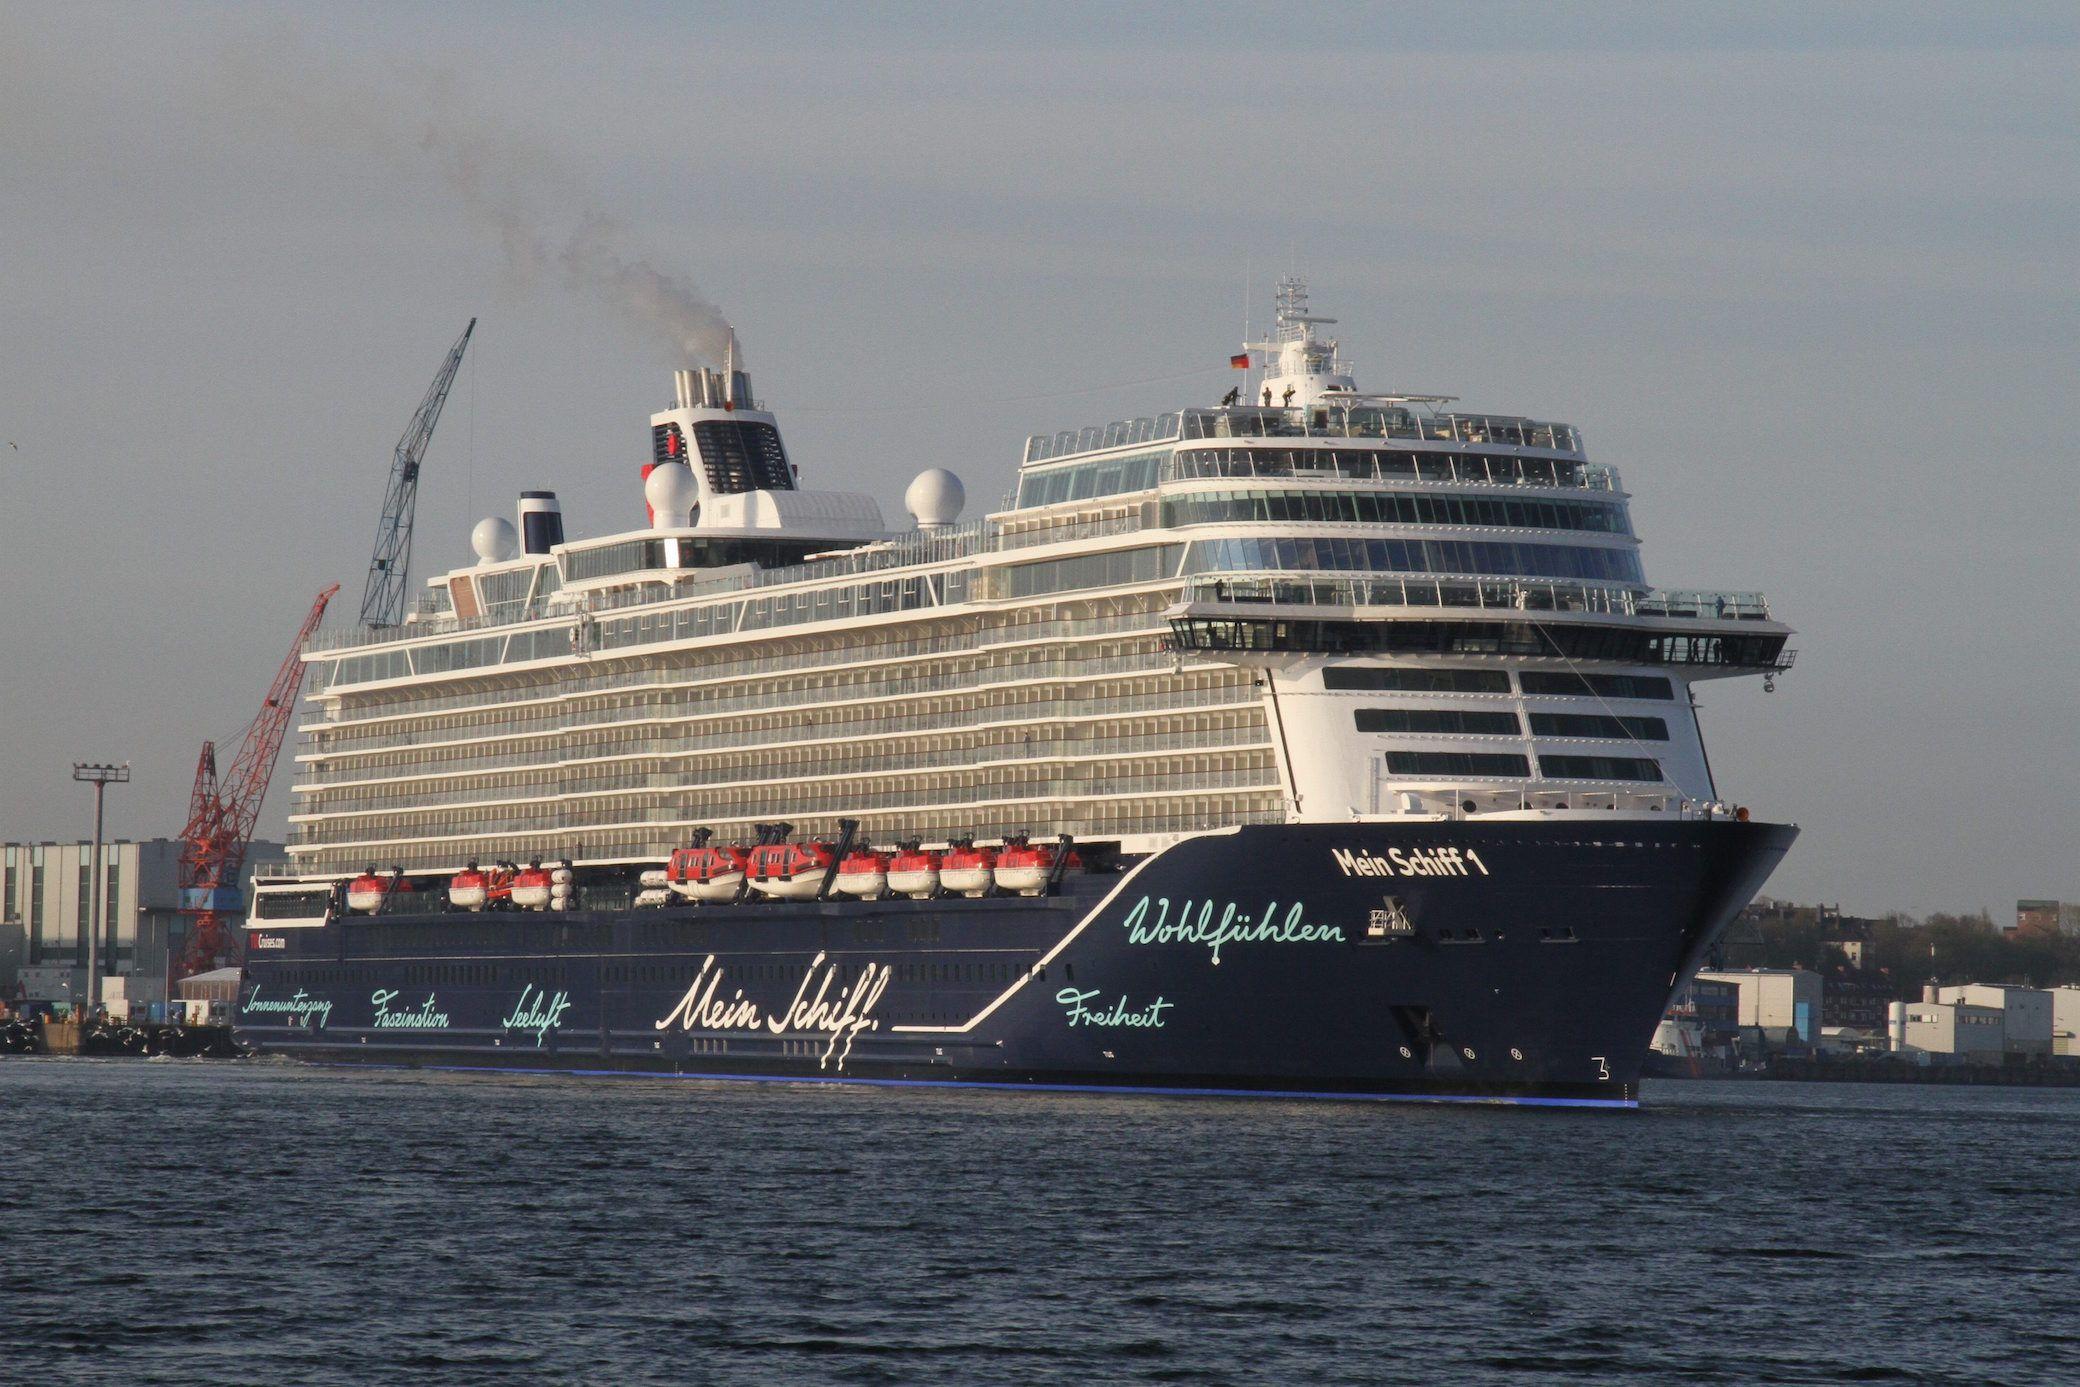 Das Bietet Die Neue Mein Schiff 1 Schiff Tui Schiff Kreuzfahrt